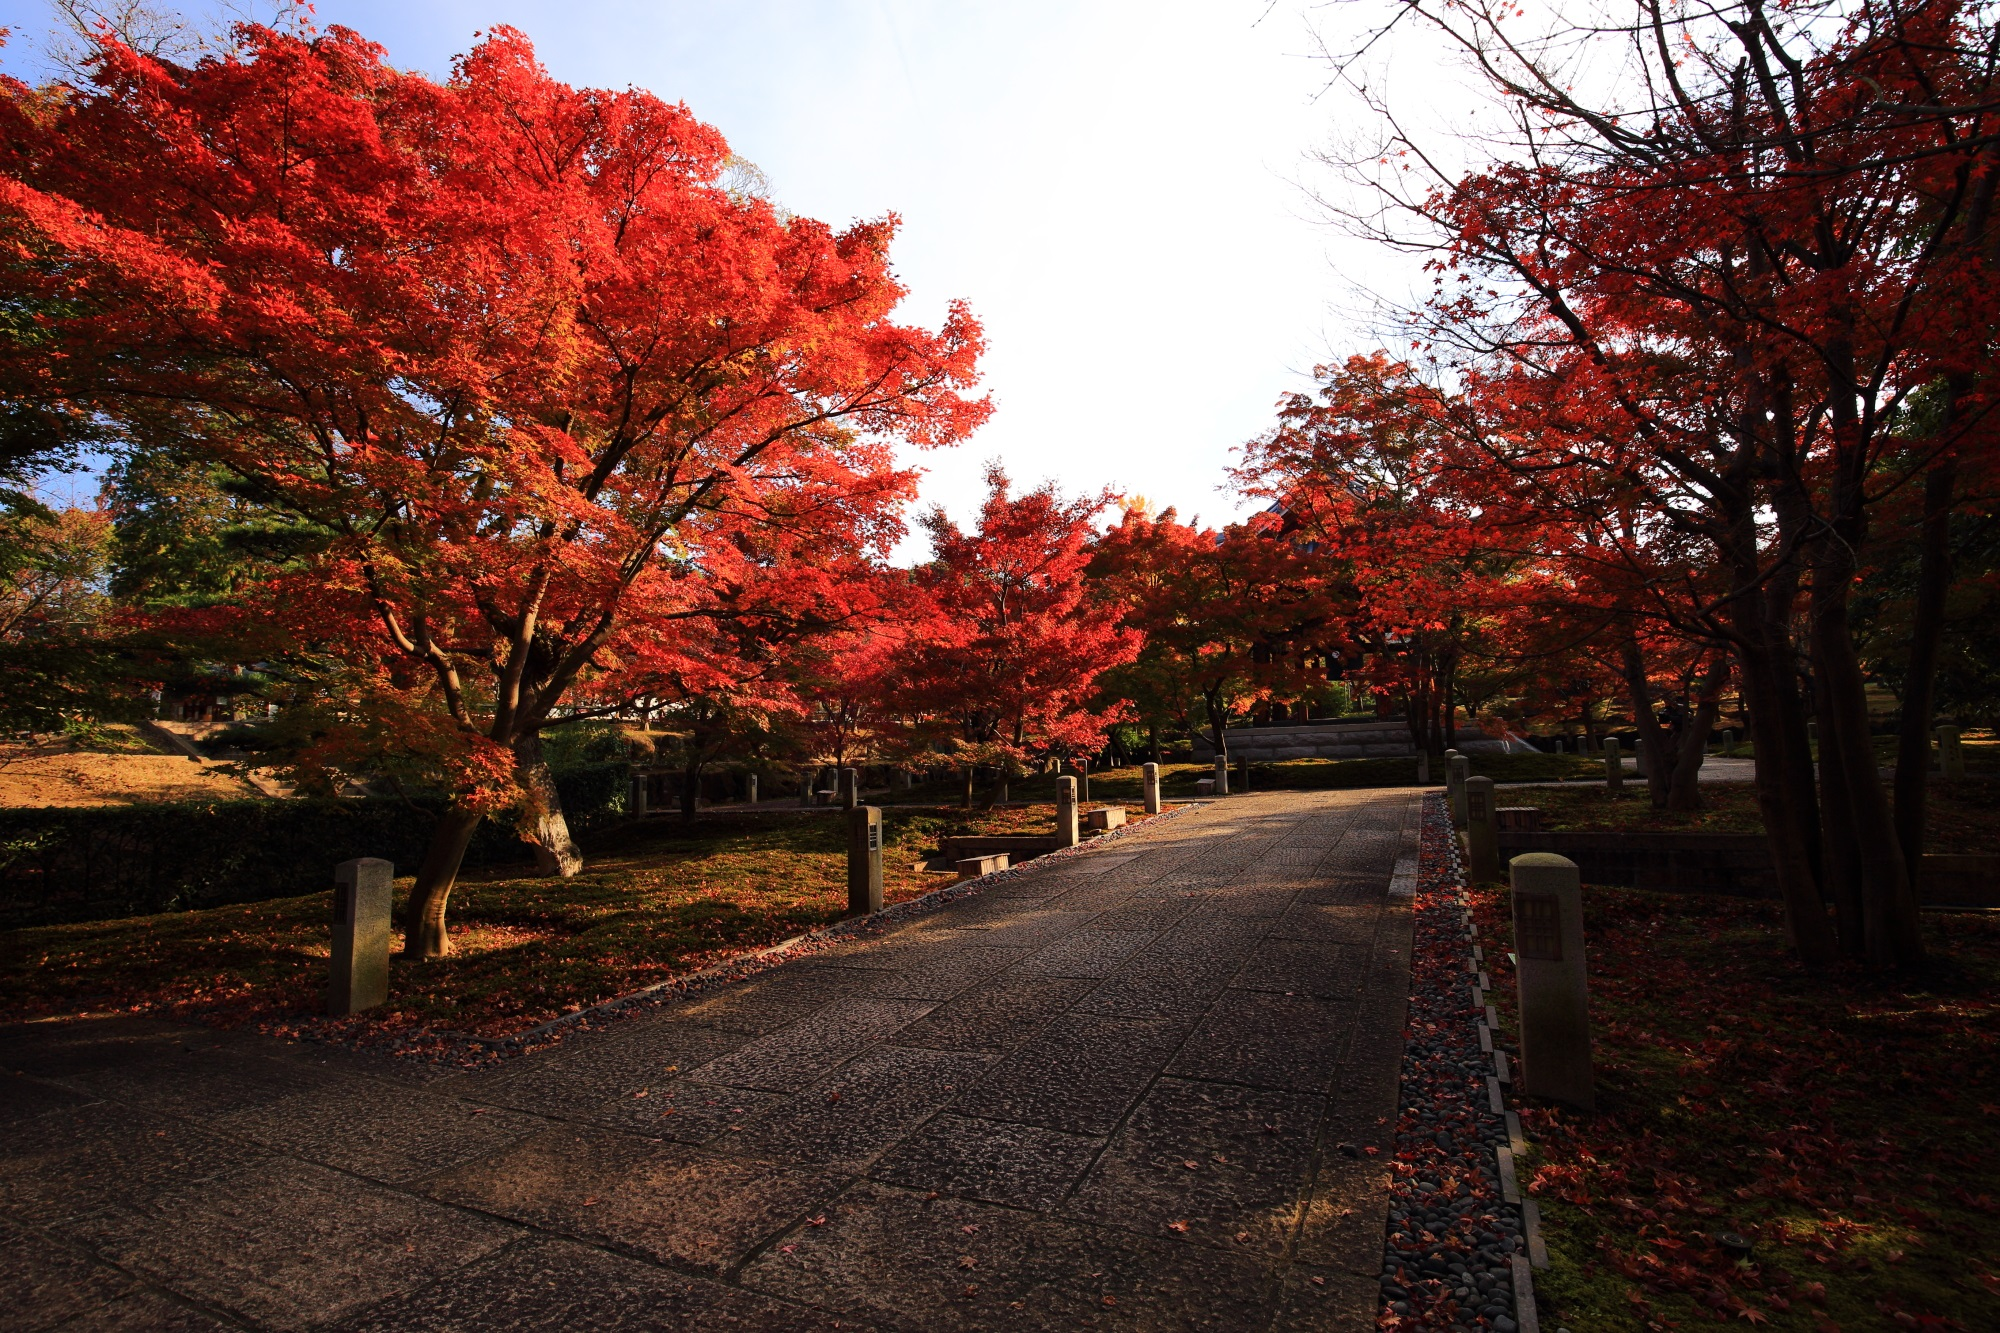 智積院の鐘楼前の参道と日を浴びて煌く紅葉